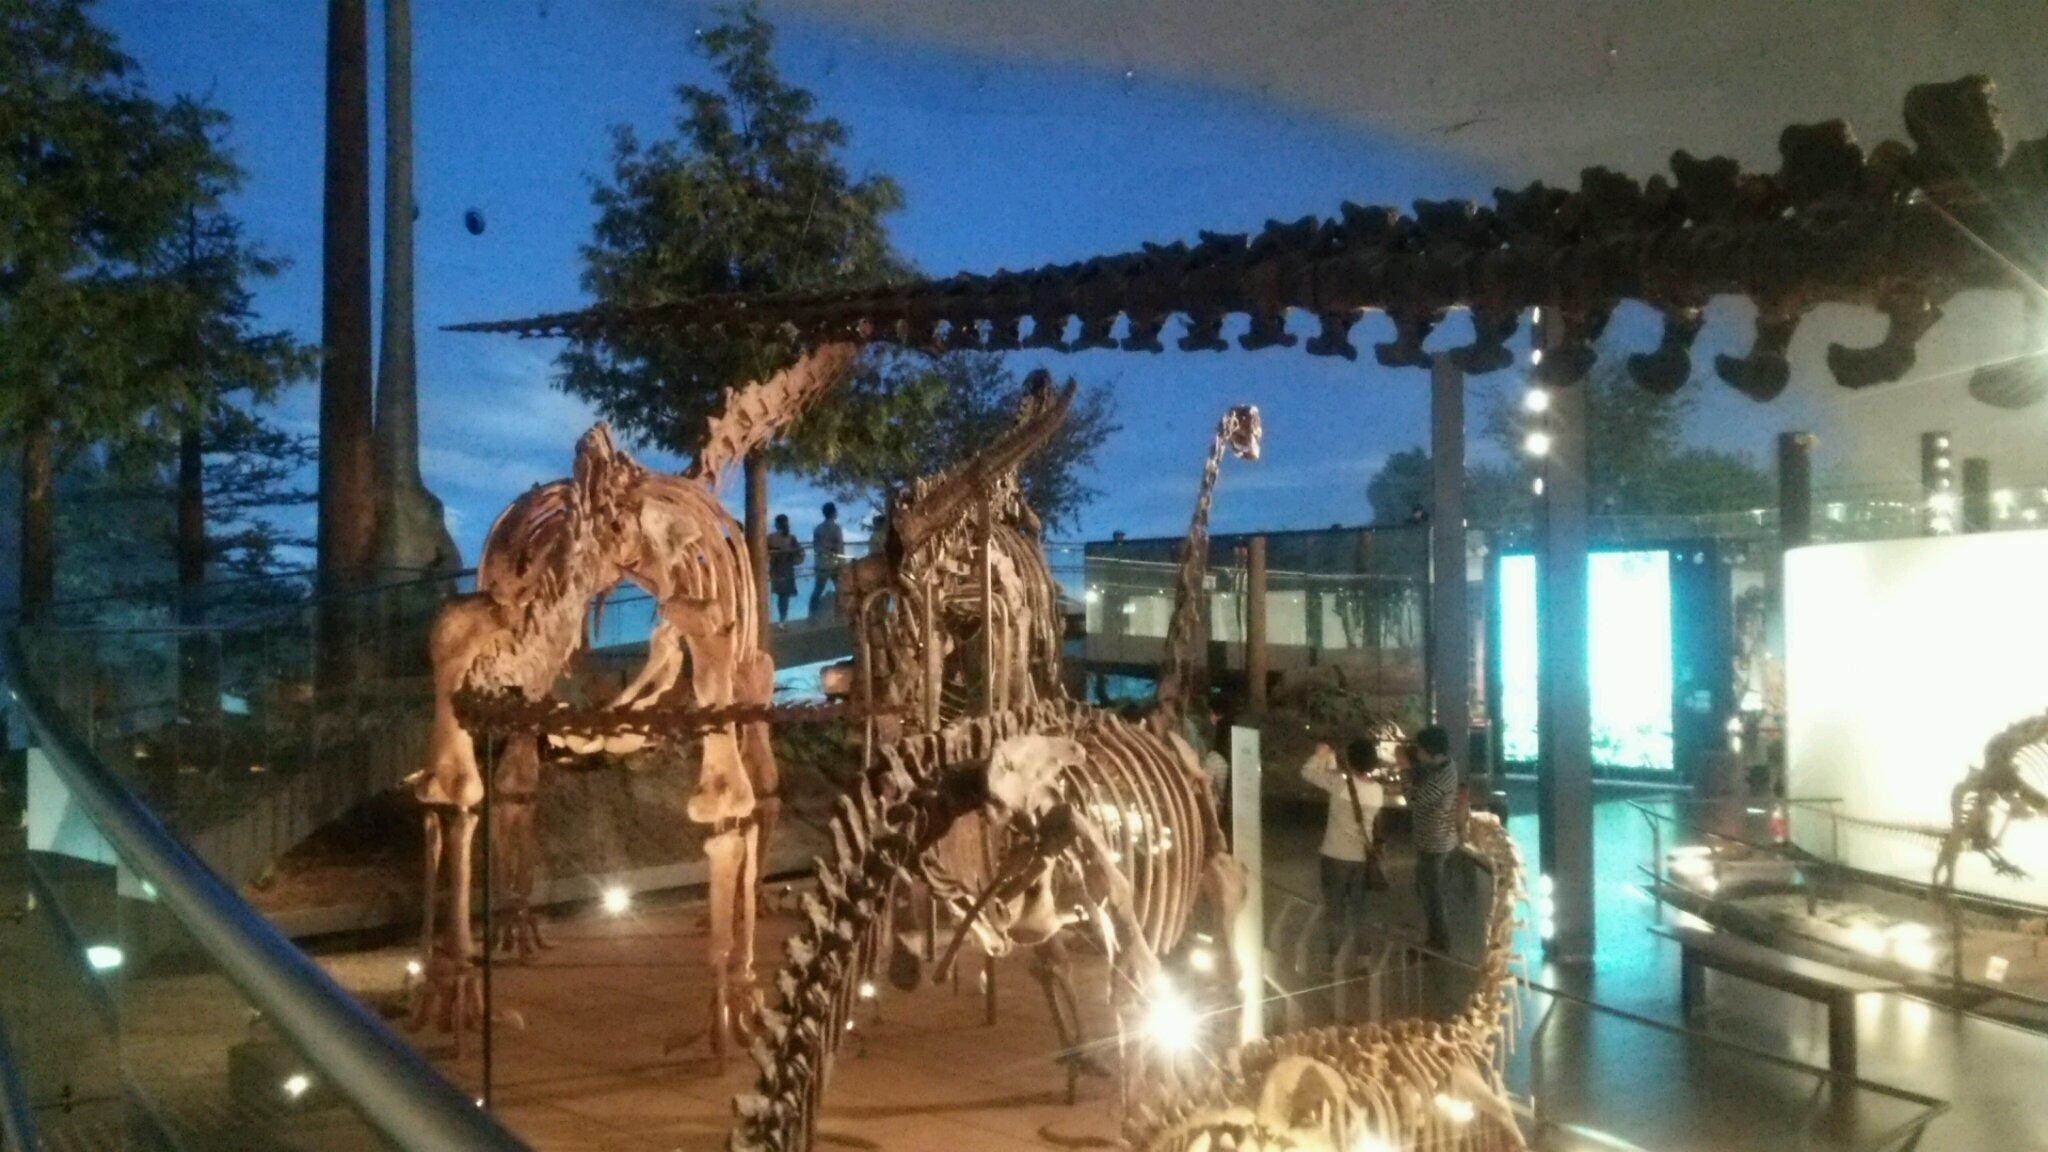 恐竜博物館へ行き、ビックリがいっぱい! 福井は最高!_e0119092_11111405.jpg